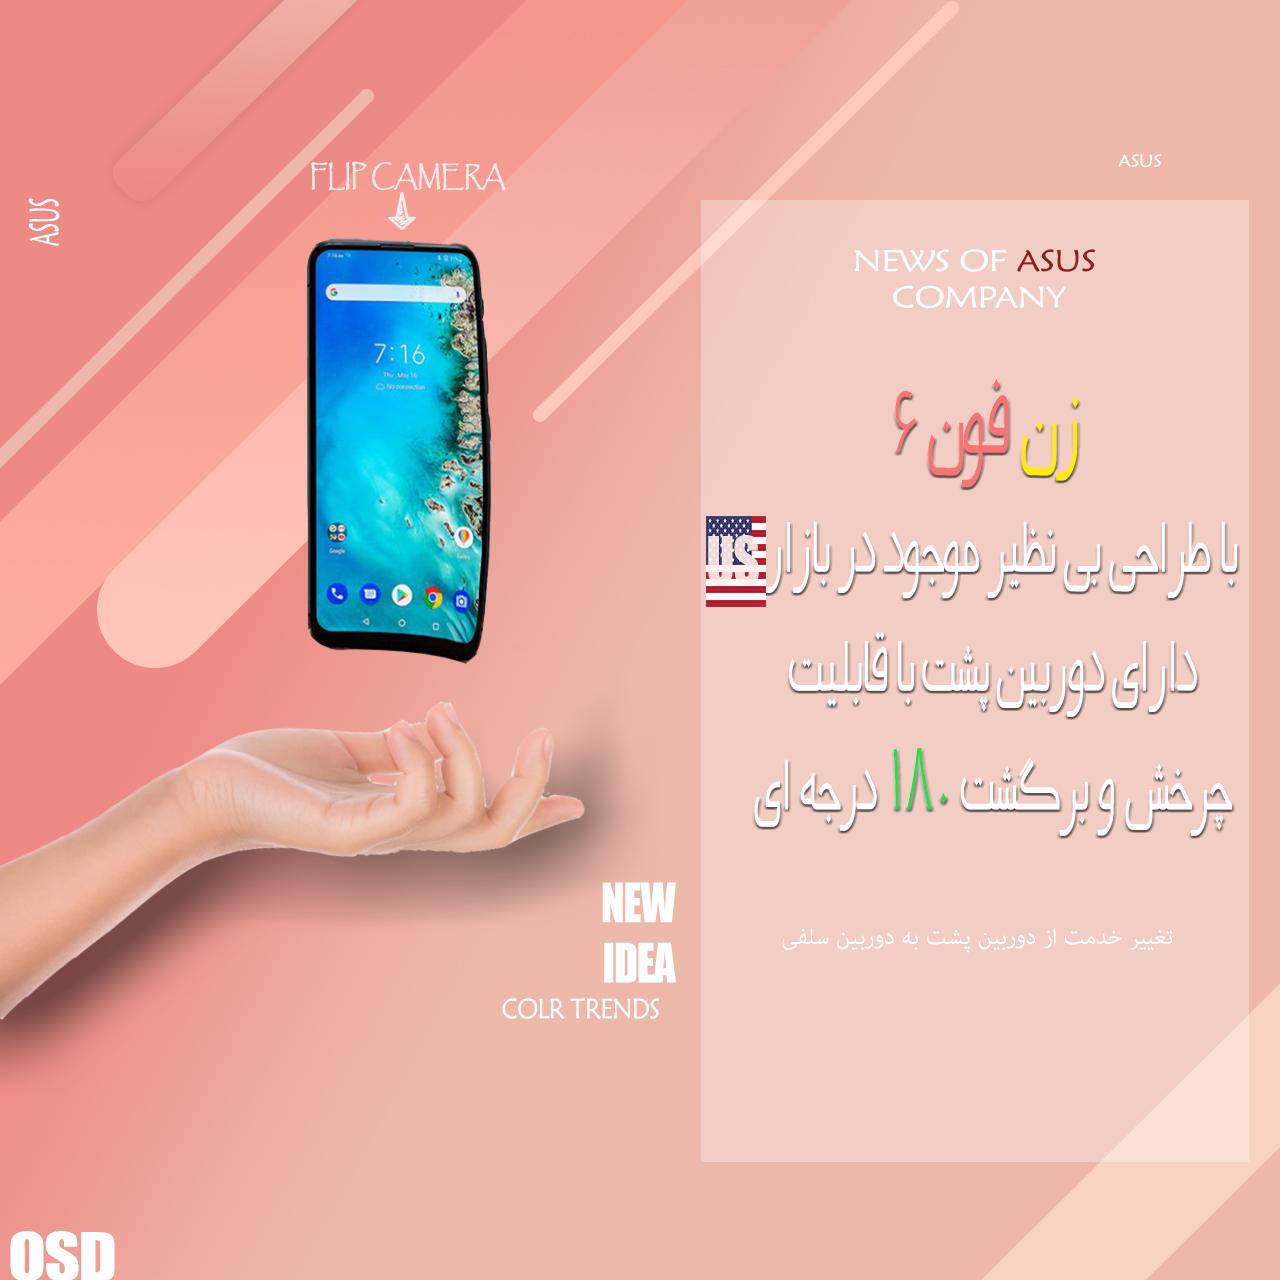 زِن فون 6 ASUS با طراحی بی نظیر موجود در بازار US :